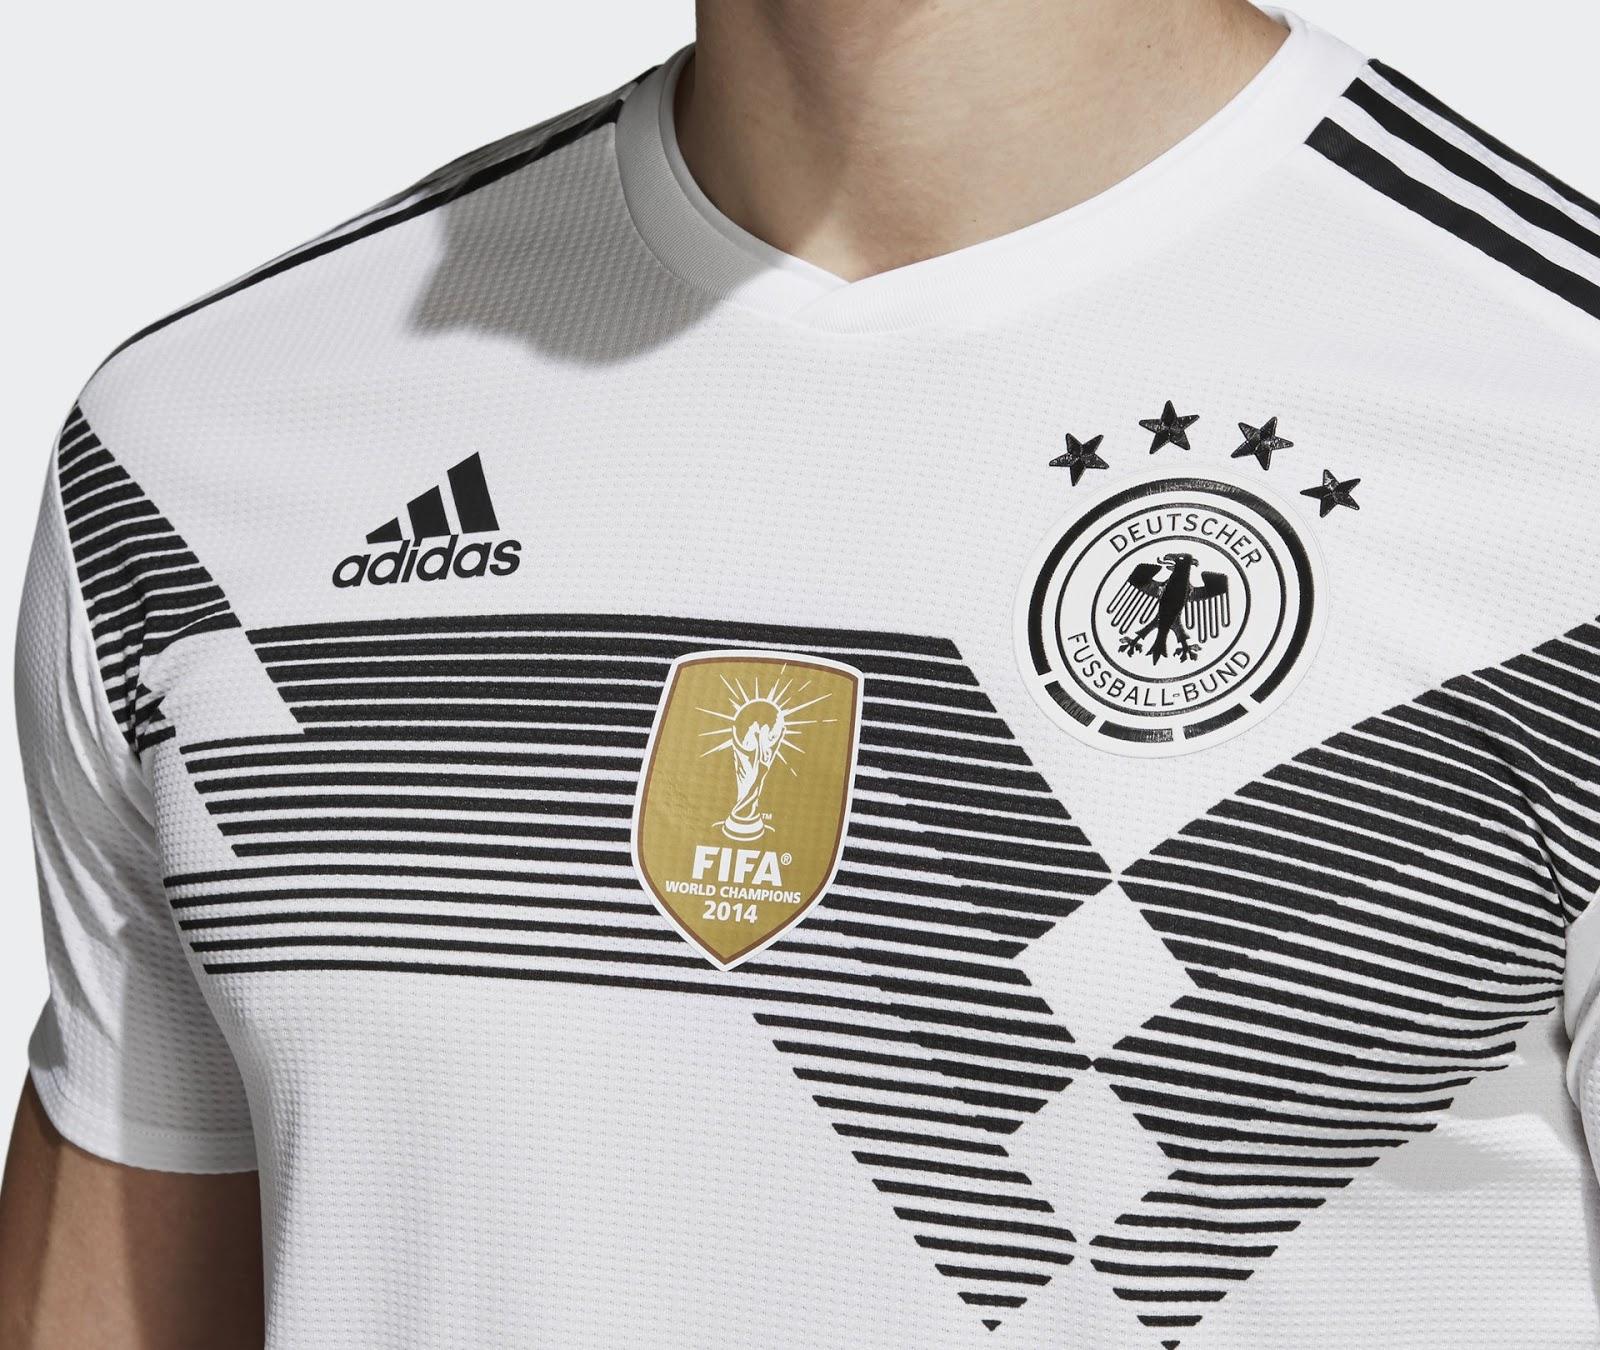 Adidas lança a nova camisa titular da Alemanha para Copa do Mundo ... 0df9e8dc19308